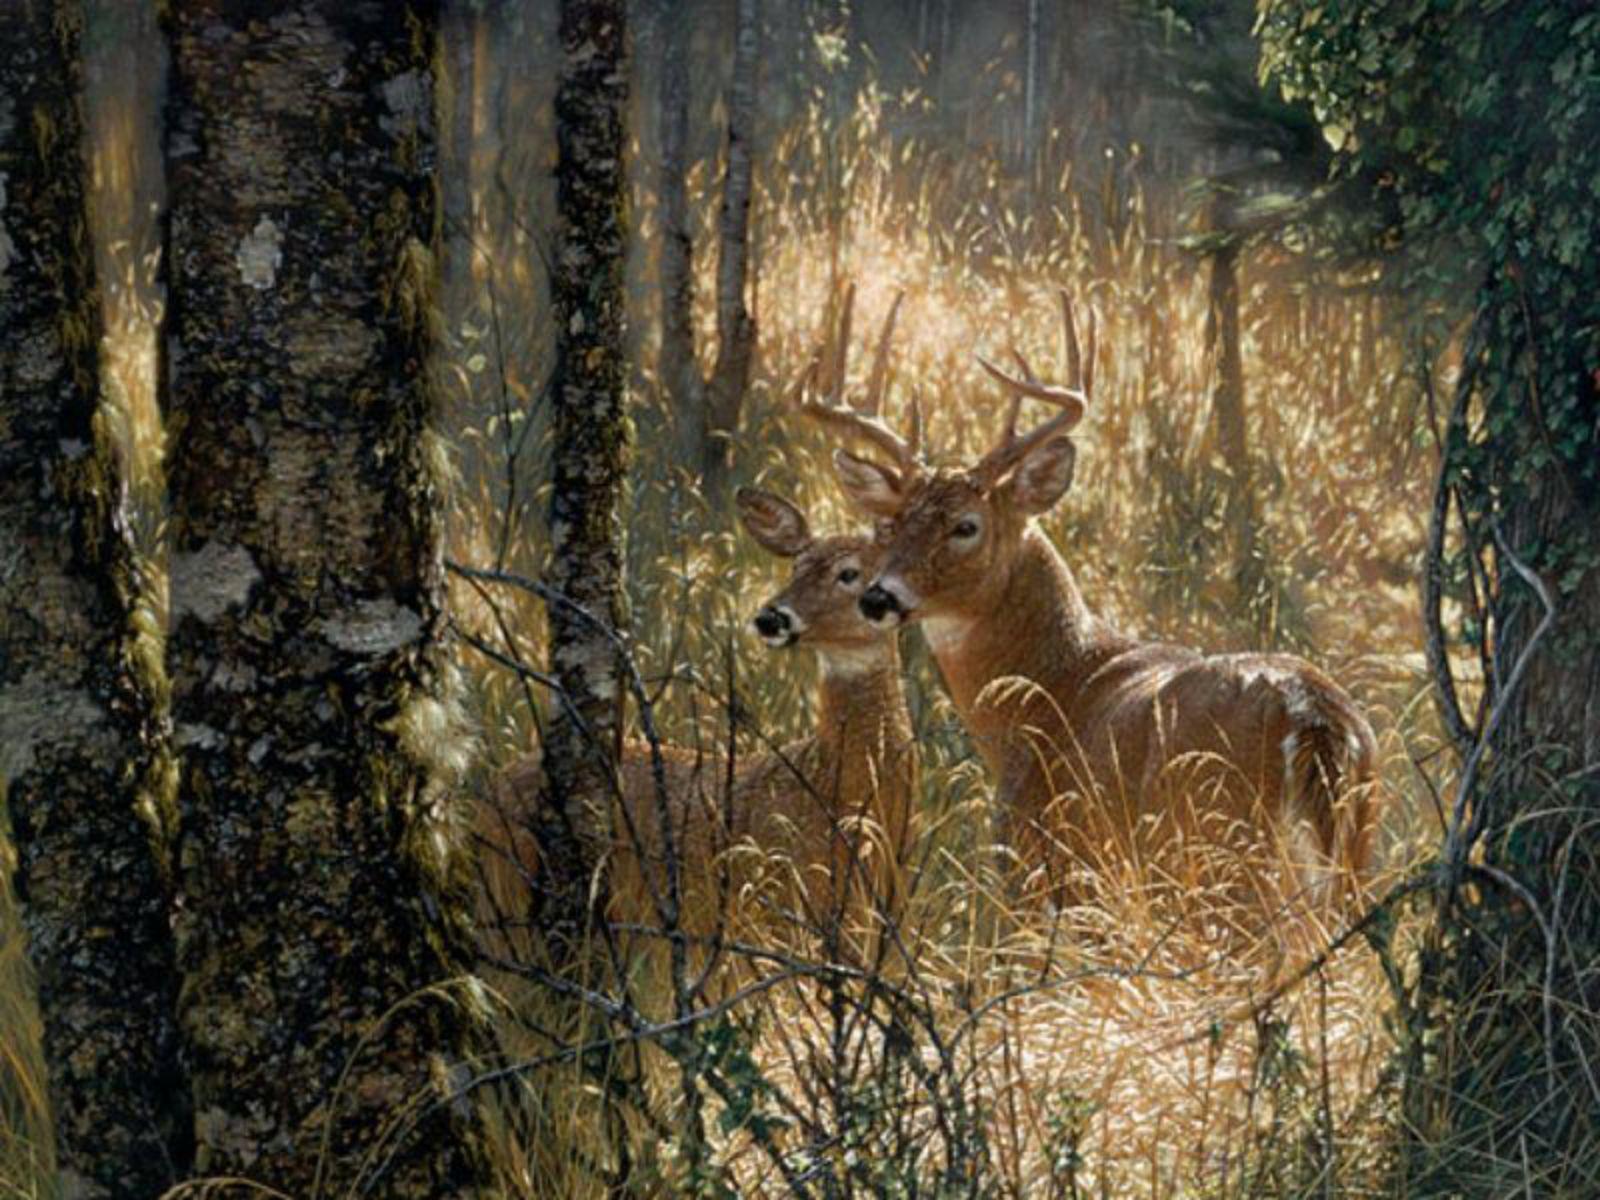 john deere wallpaperdeer wallpaper for computerdeer pictures 1600x1200